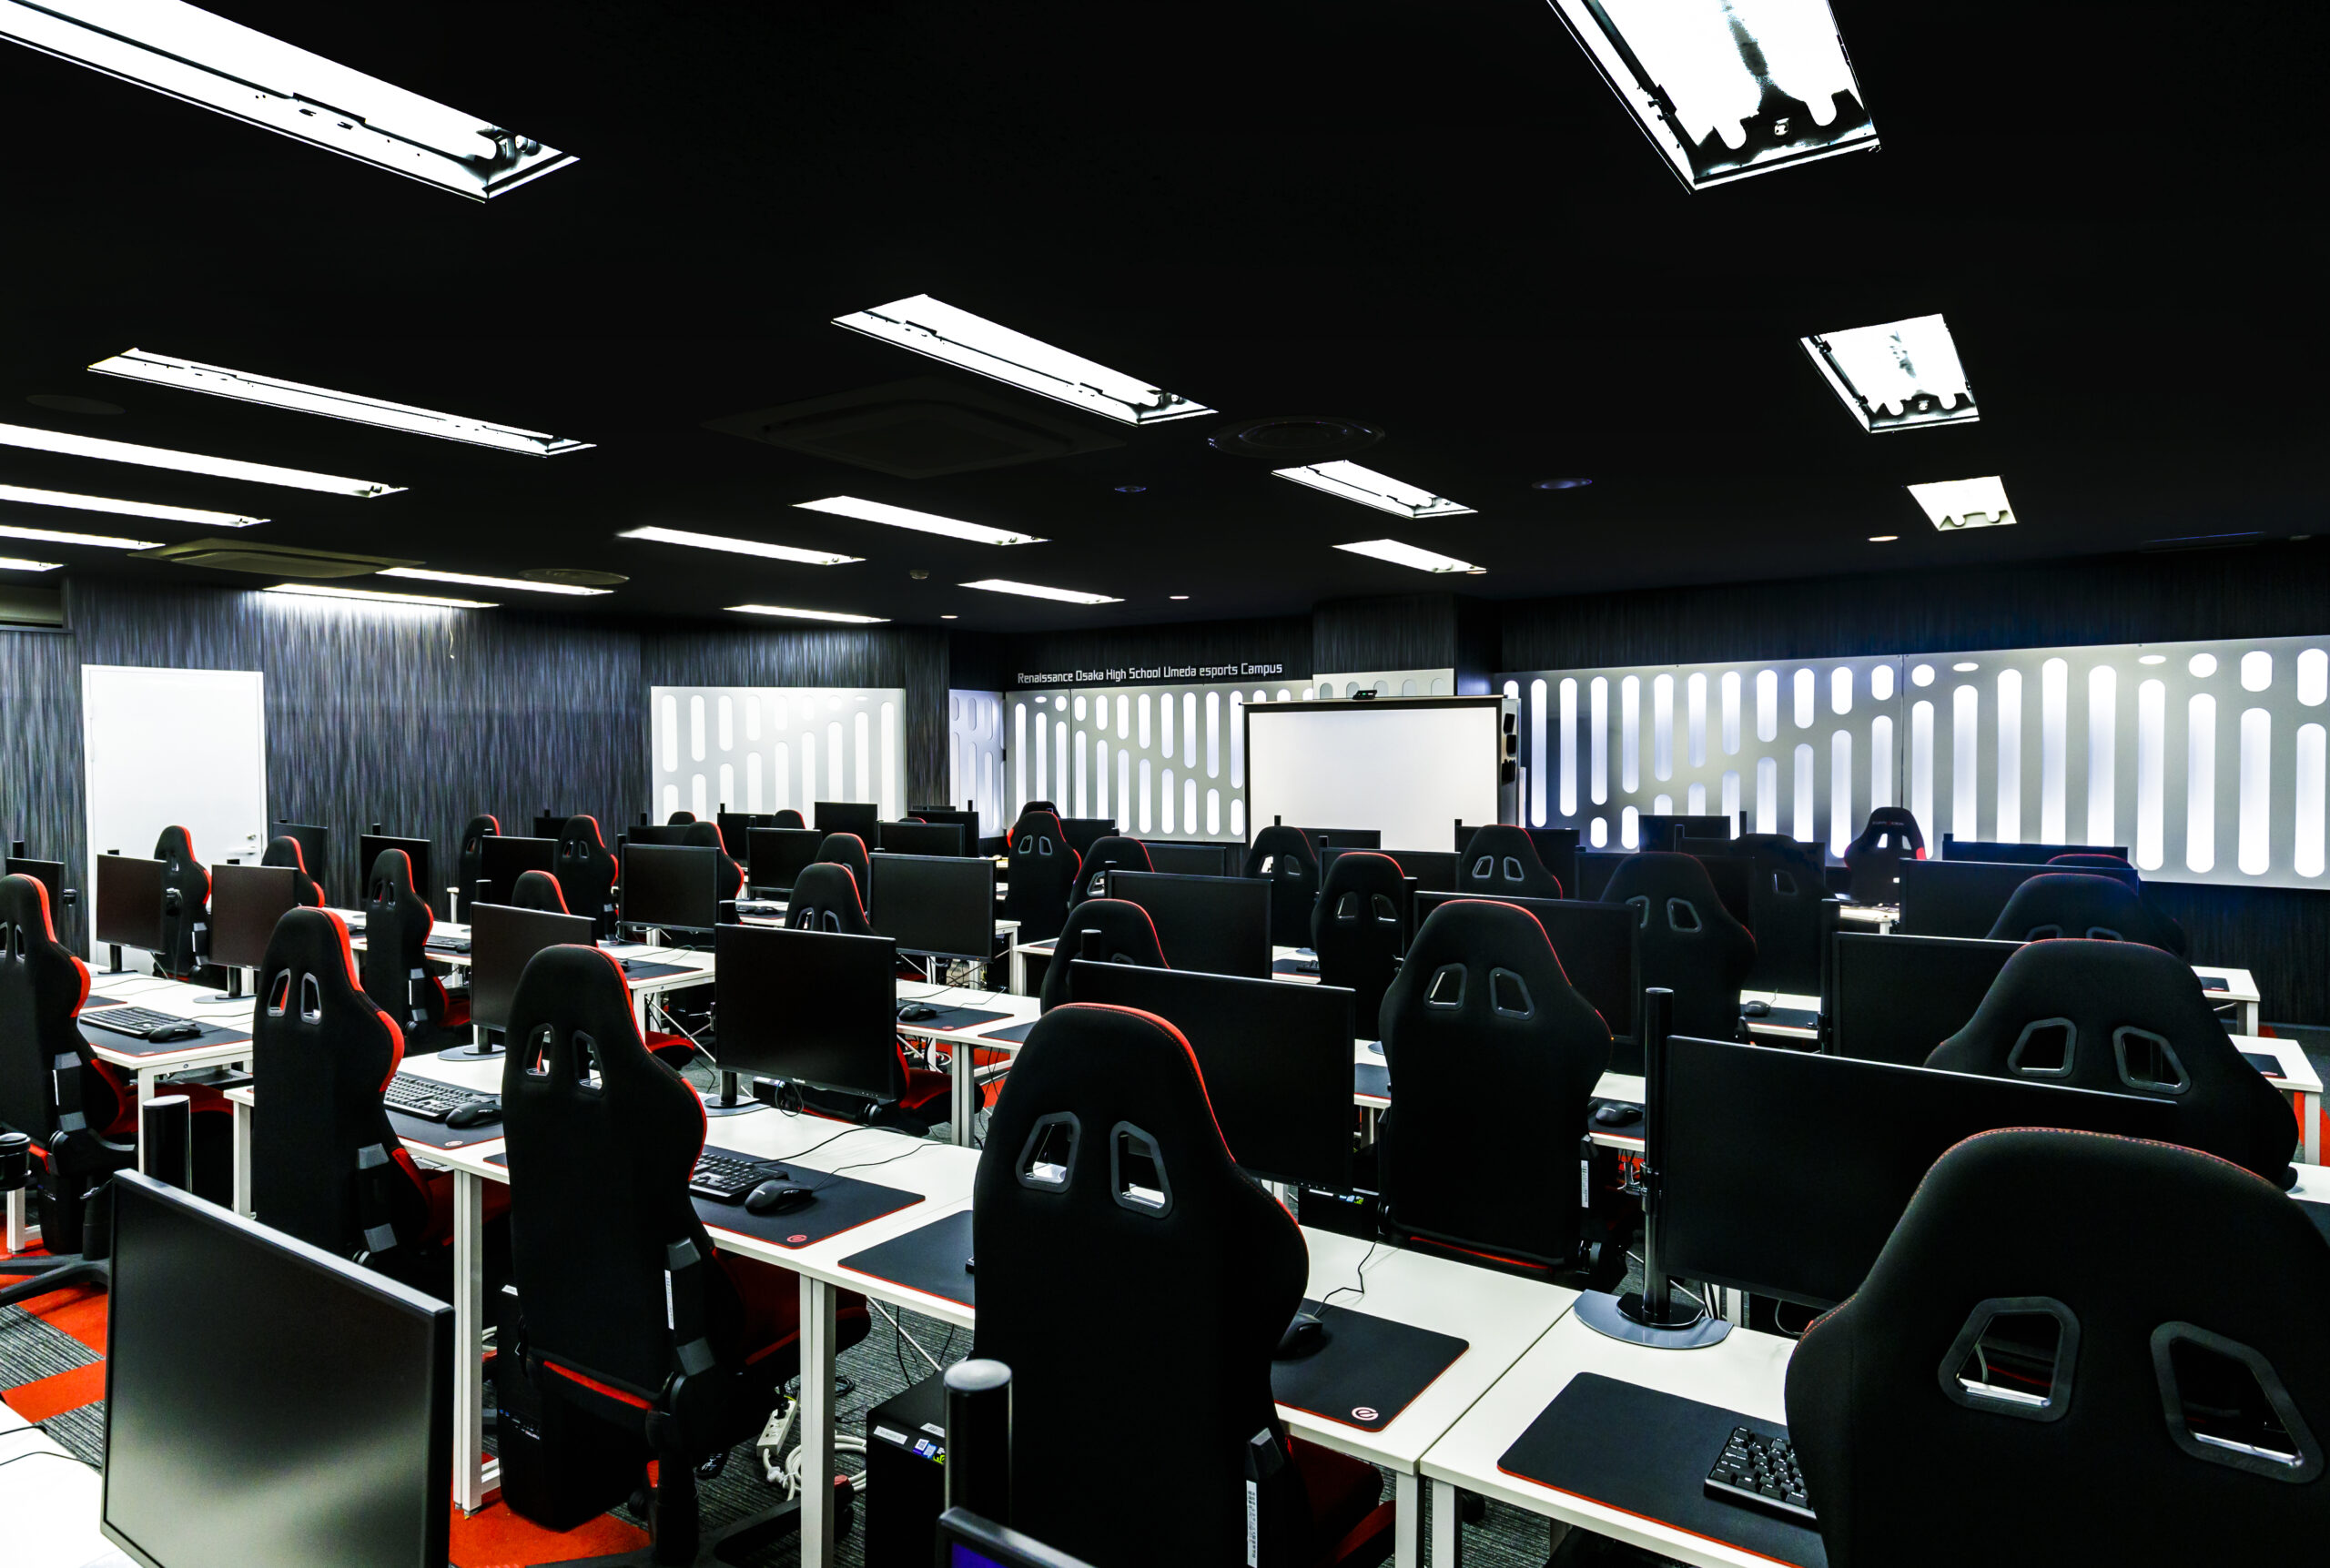 ルネサンス大阪高等学校 梅田eスポーツキャンパス